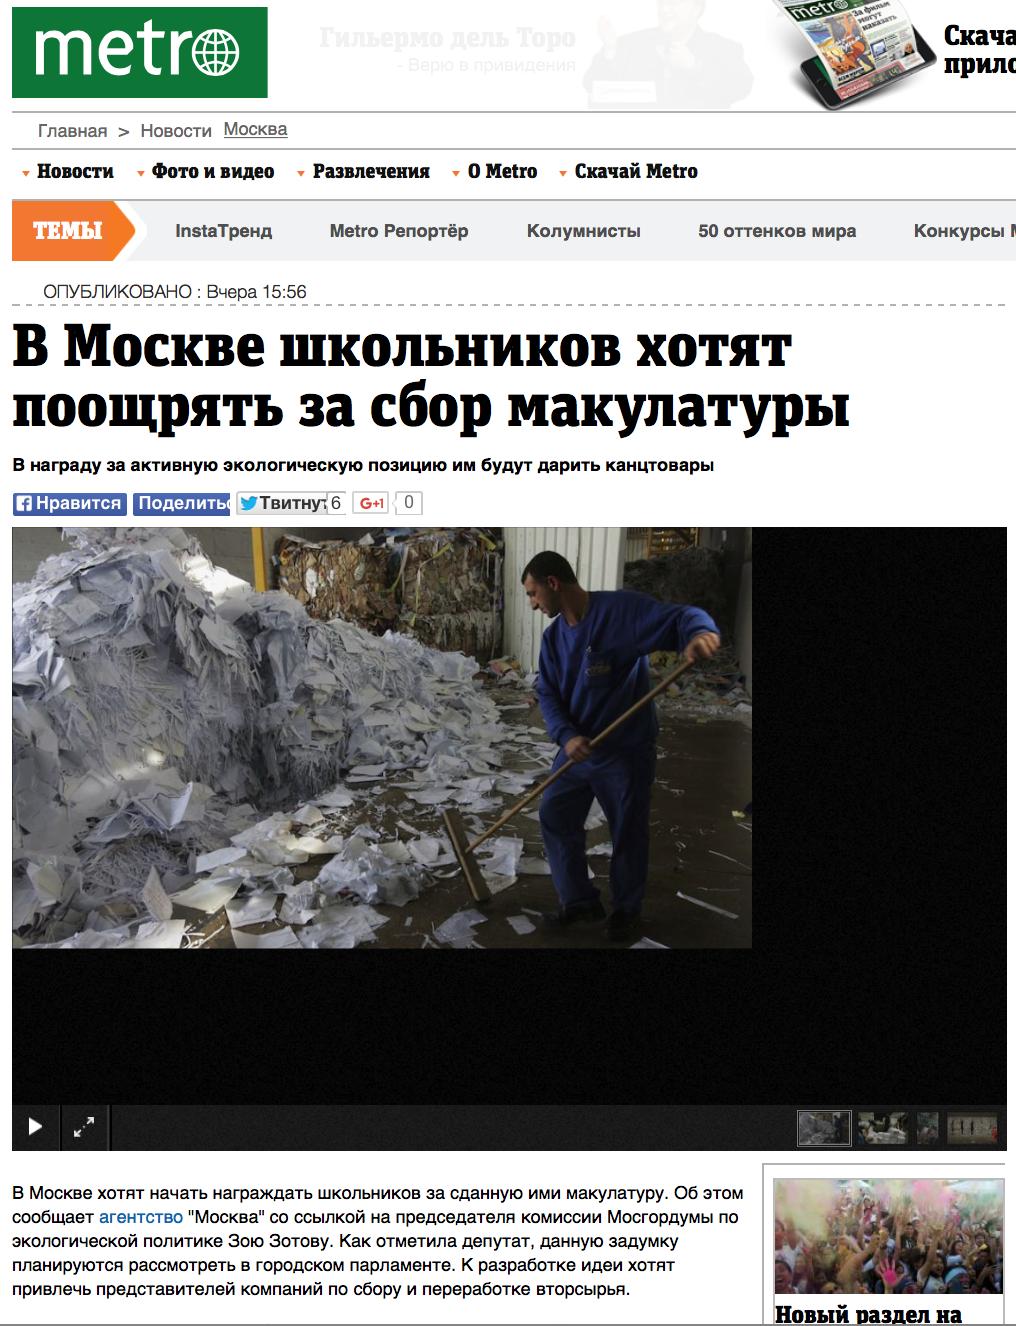 Сдача макулатуры в школах москвы макулатура группа цитаты